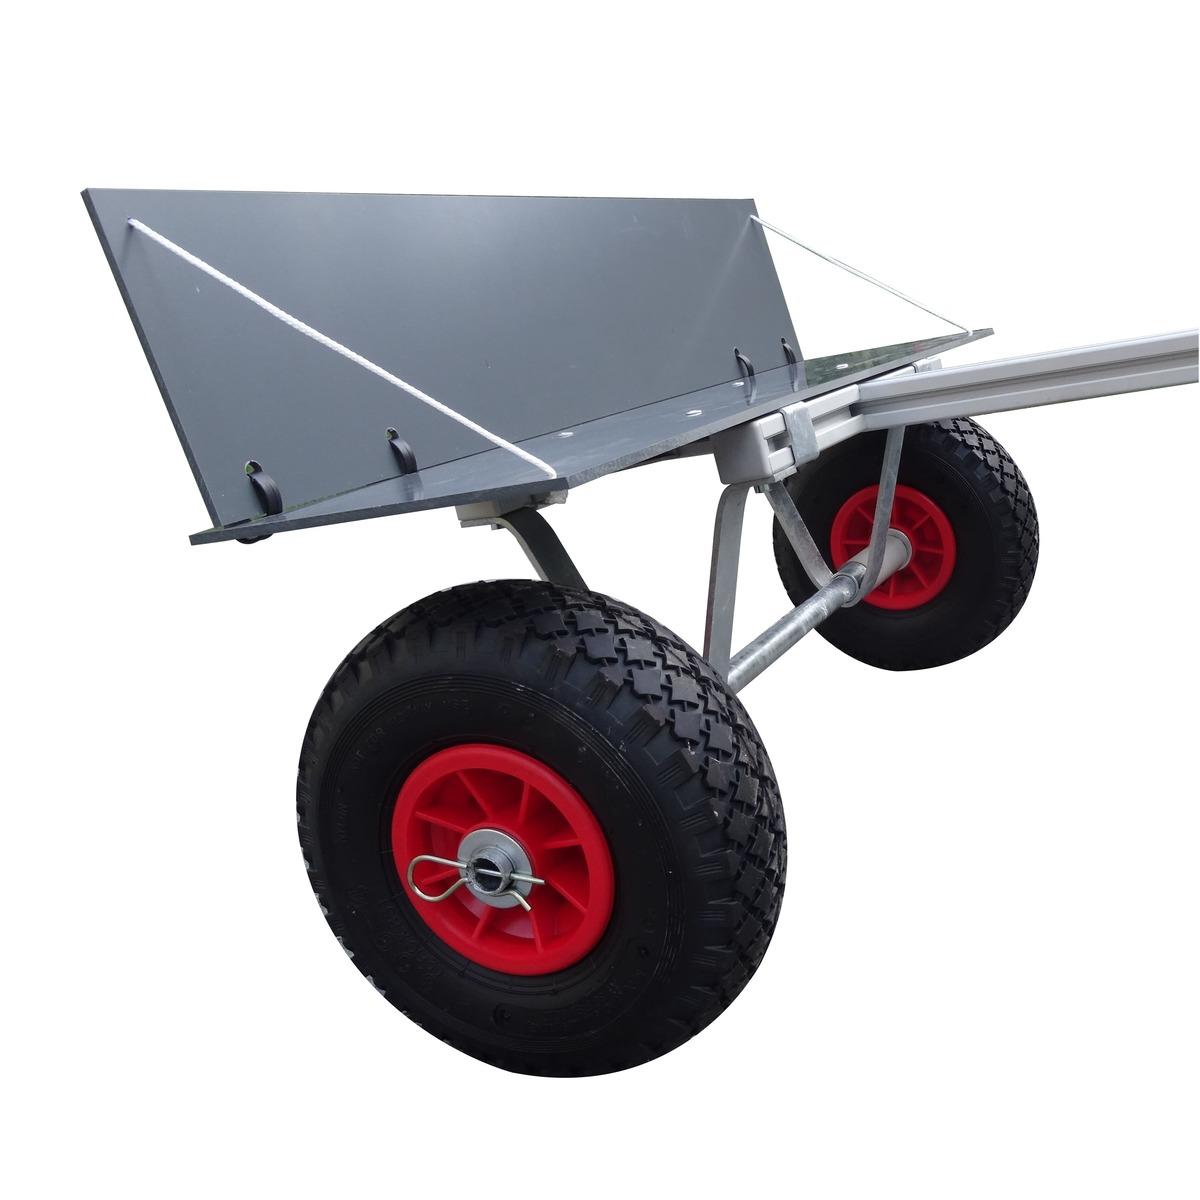 Surf Et Sup Pour Velo Chariot Planche A Voile Modele Dr Fpa Planches